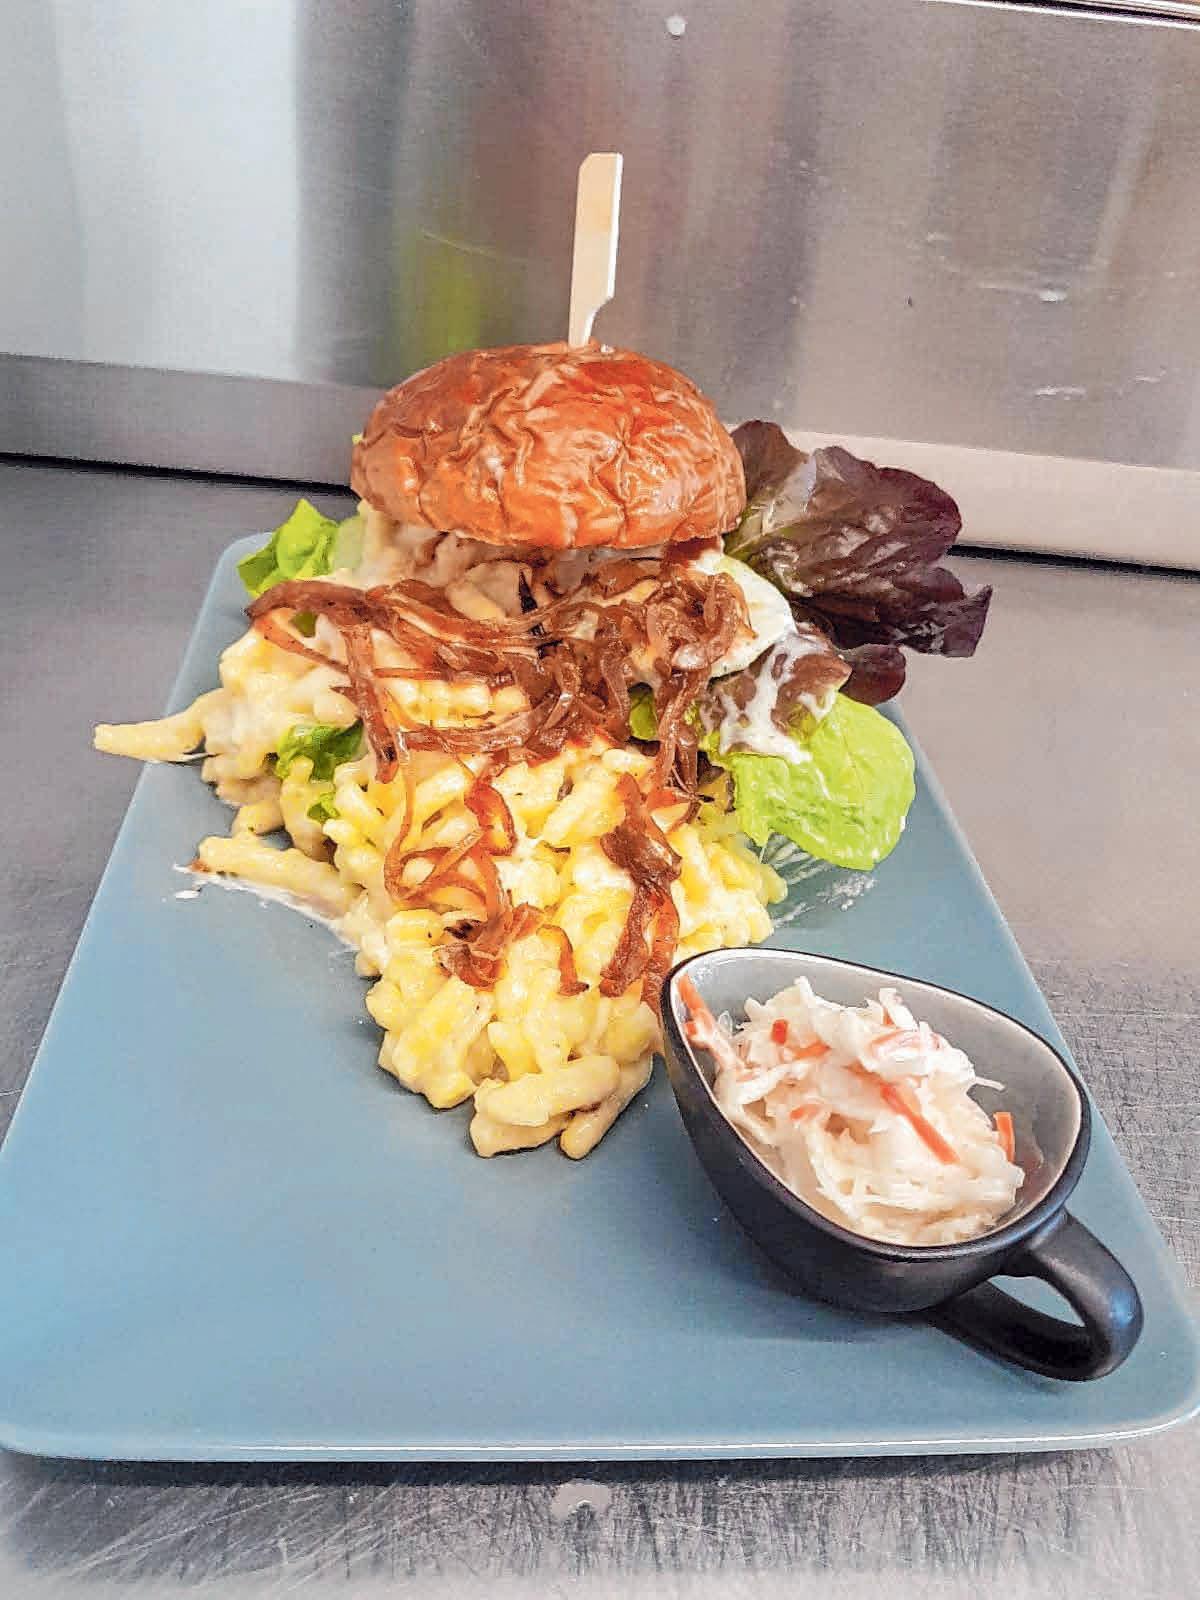 Der Schwabenburger mit Käsespätzle ist der absolute Geheimtipp im Chevy's Diner. FOTO: OH